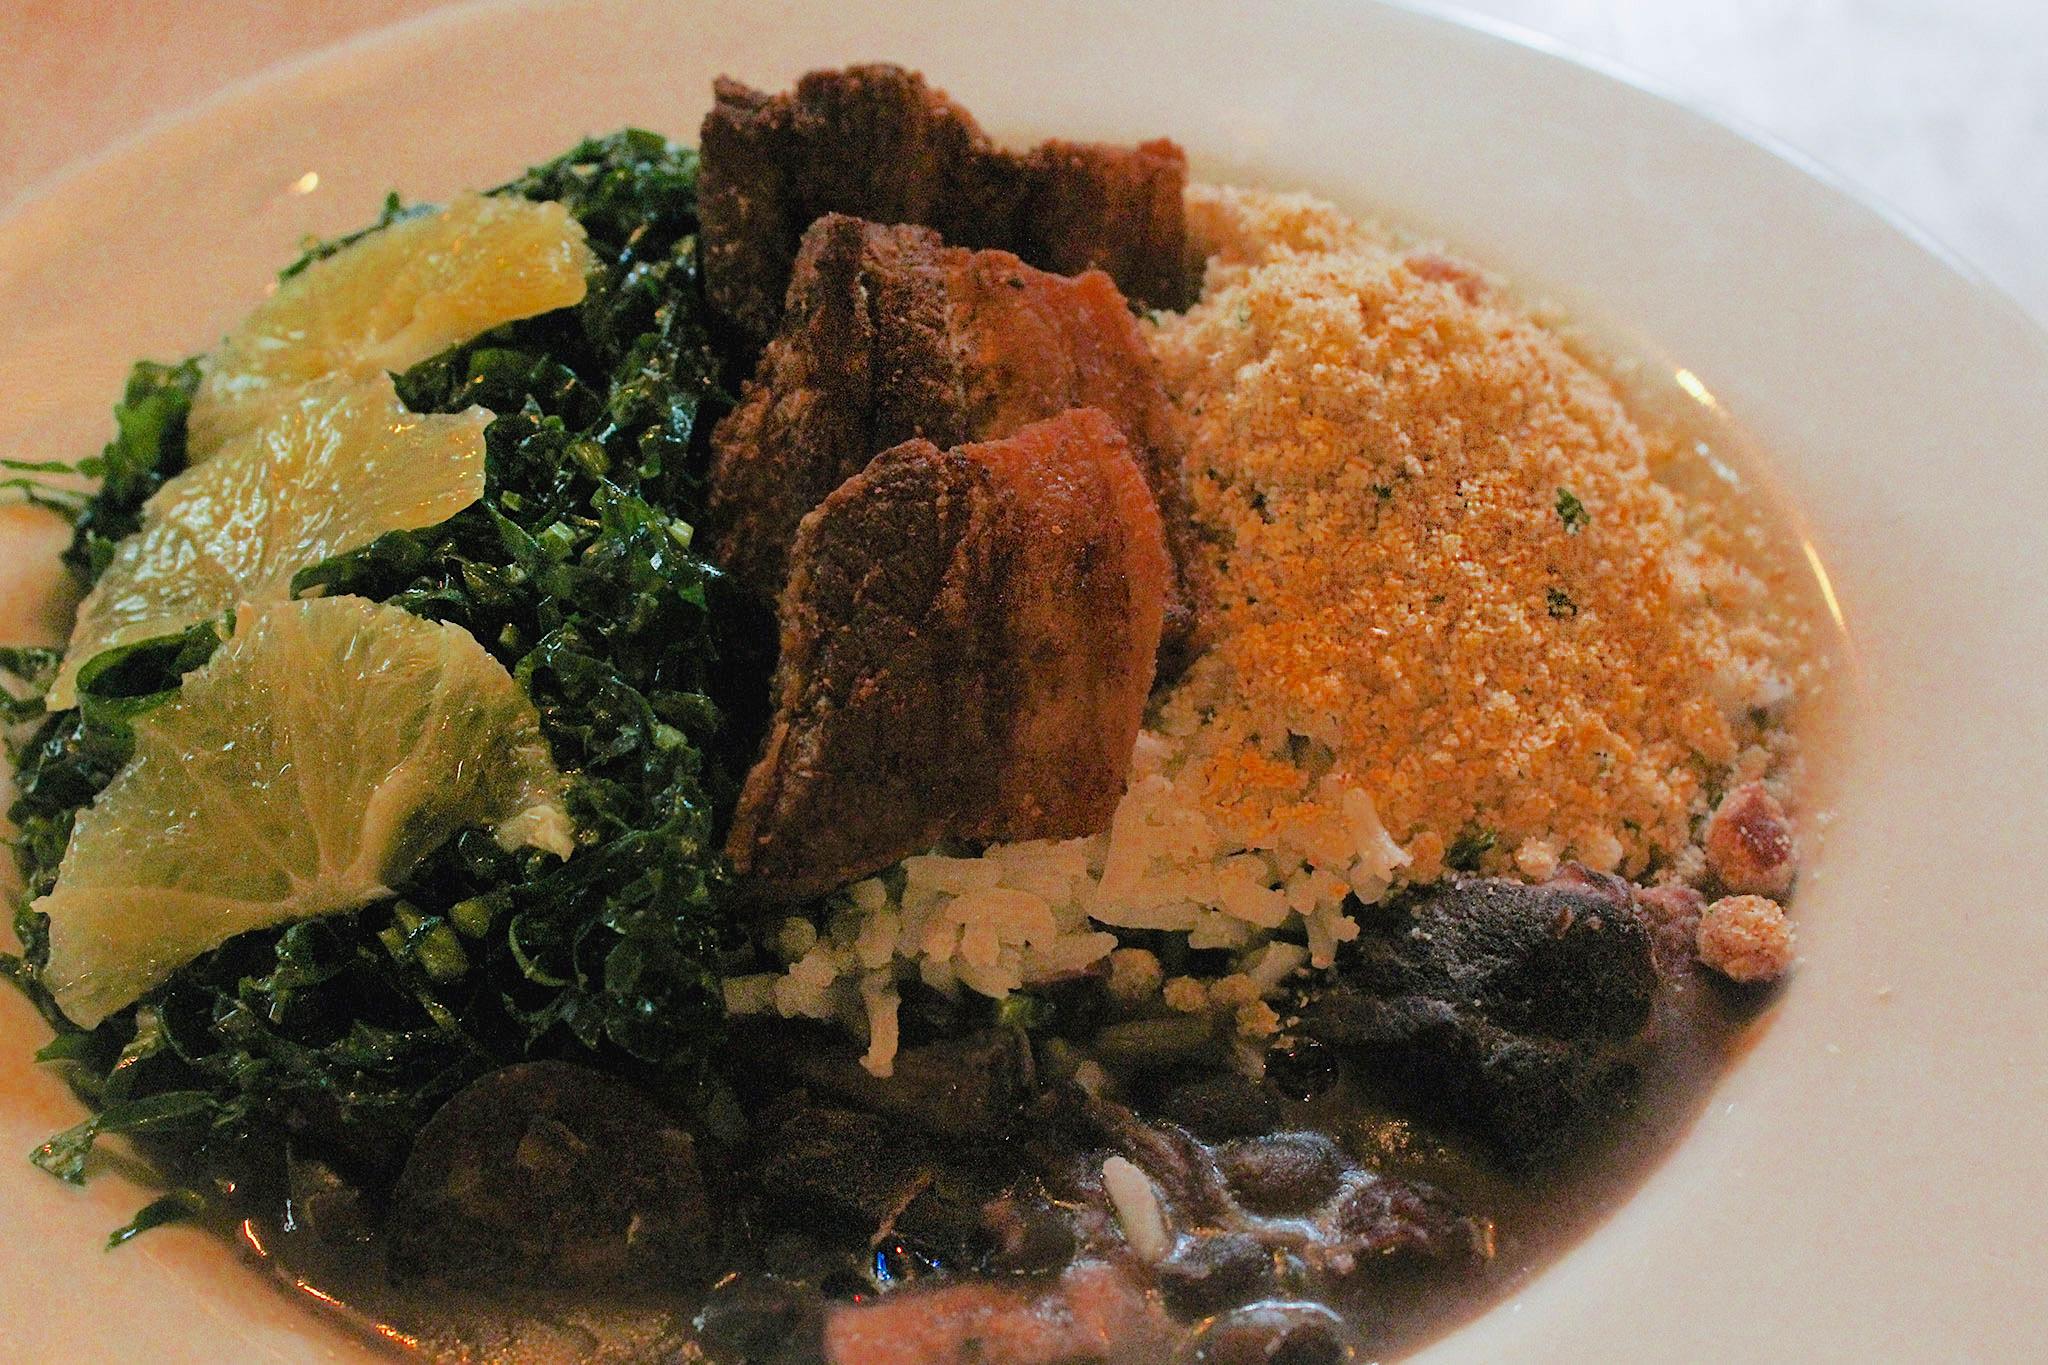 Comida brasileña en la CDMX